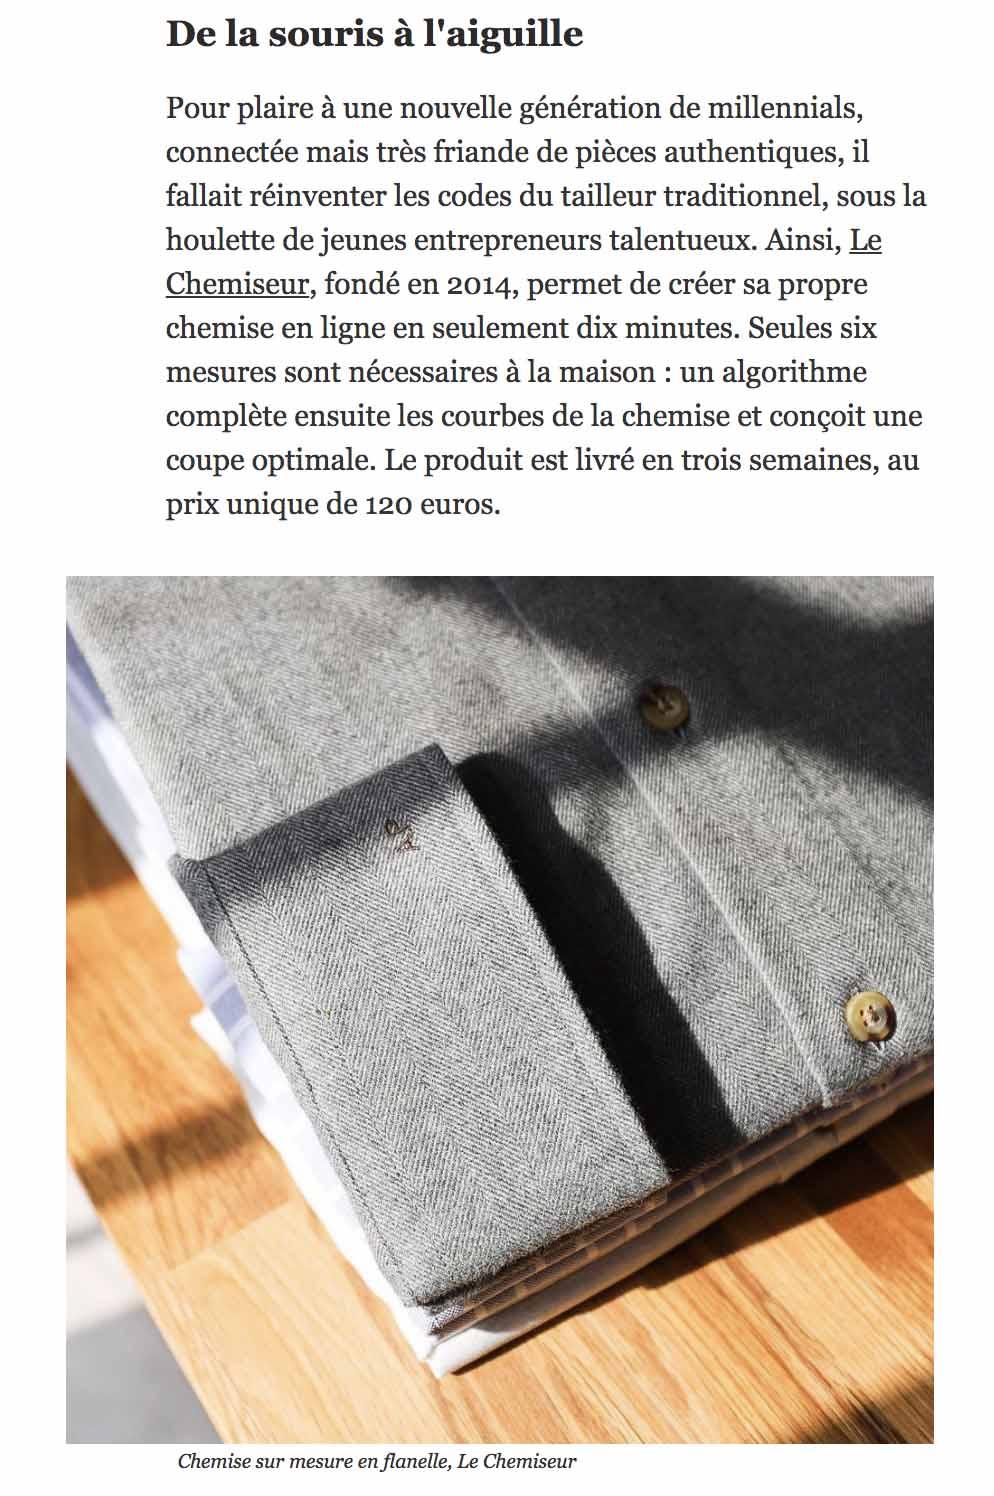 3f4257e86f6 LE CHEMISEUR® chemises sur mesure dans la presse